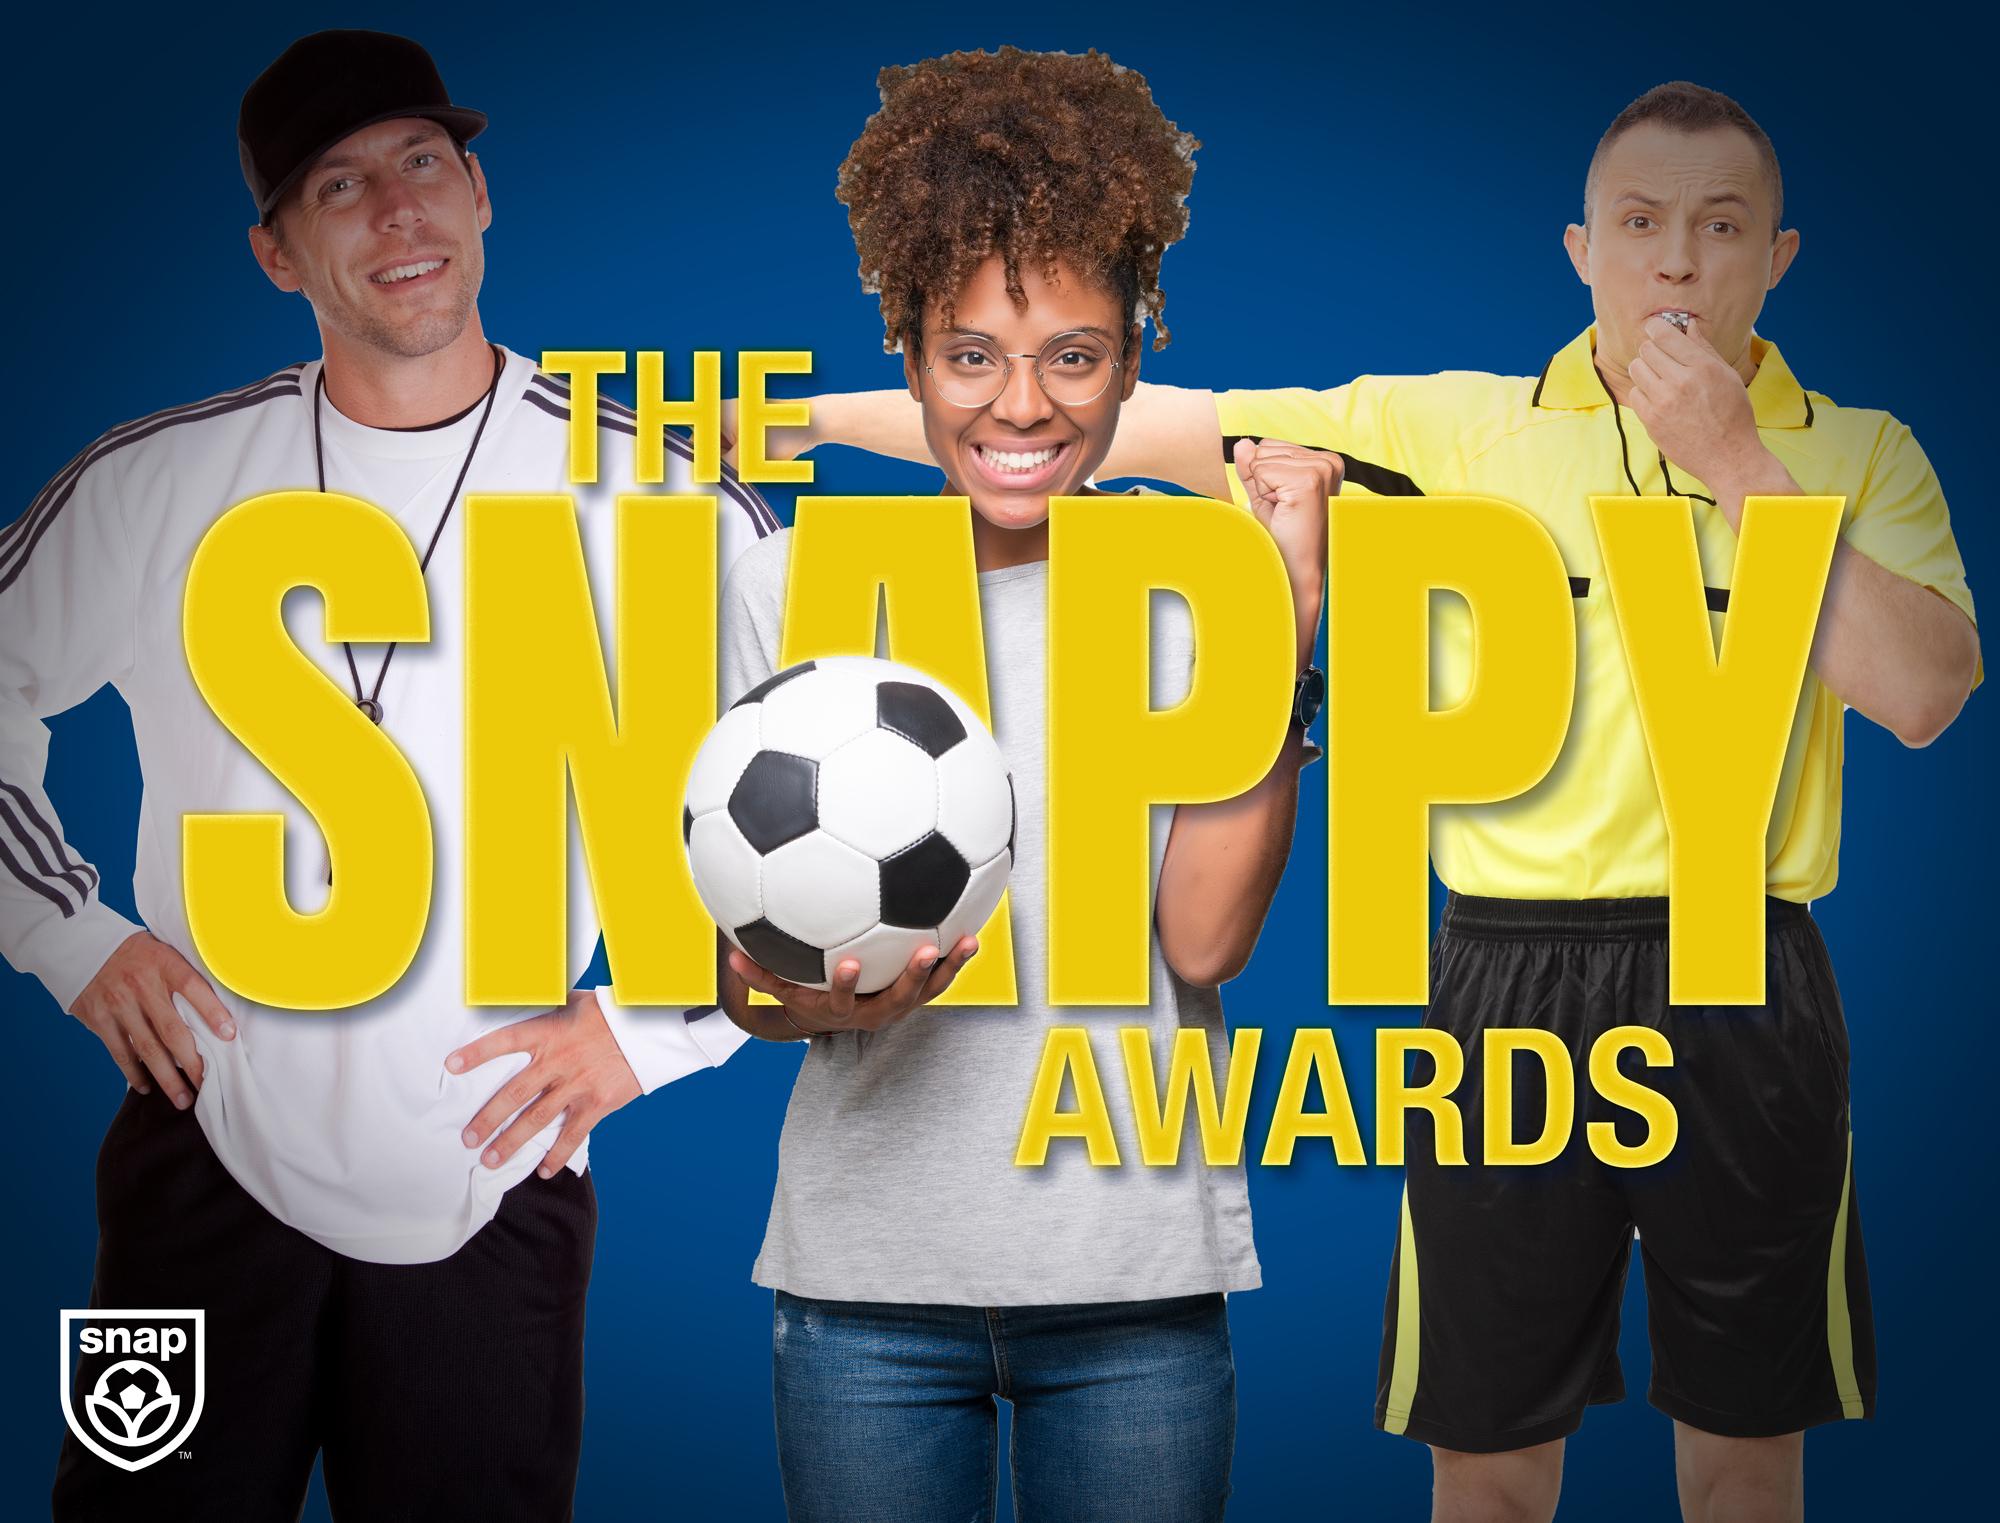 Snap Soccer Snappy Awards